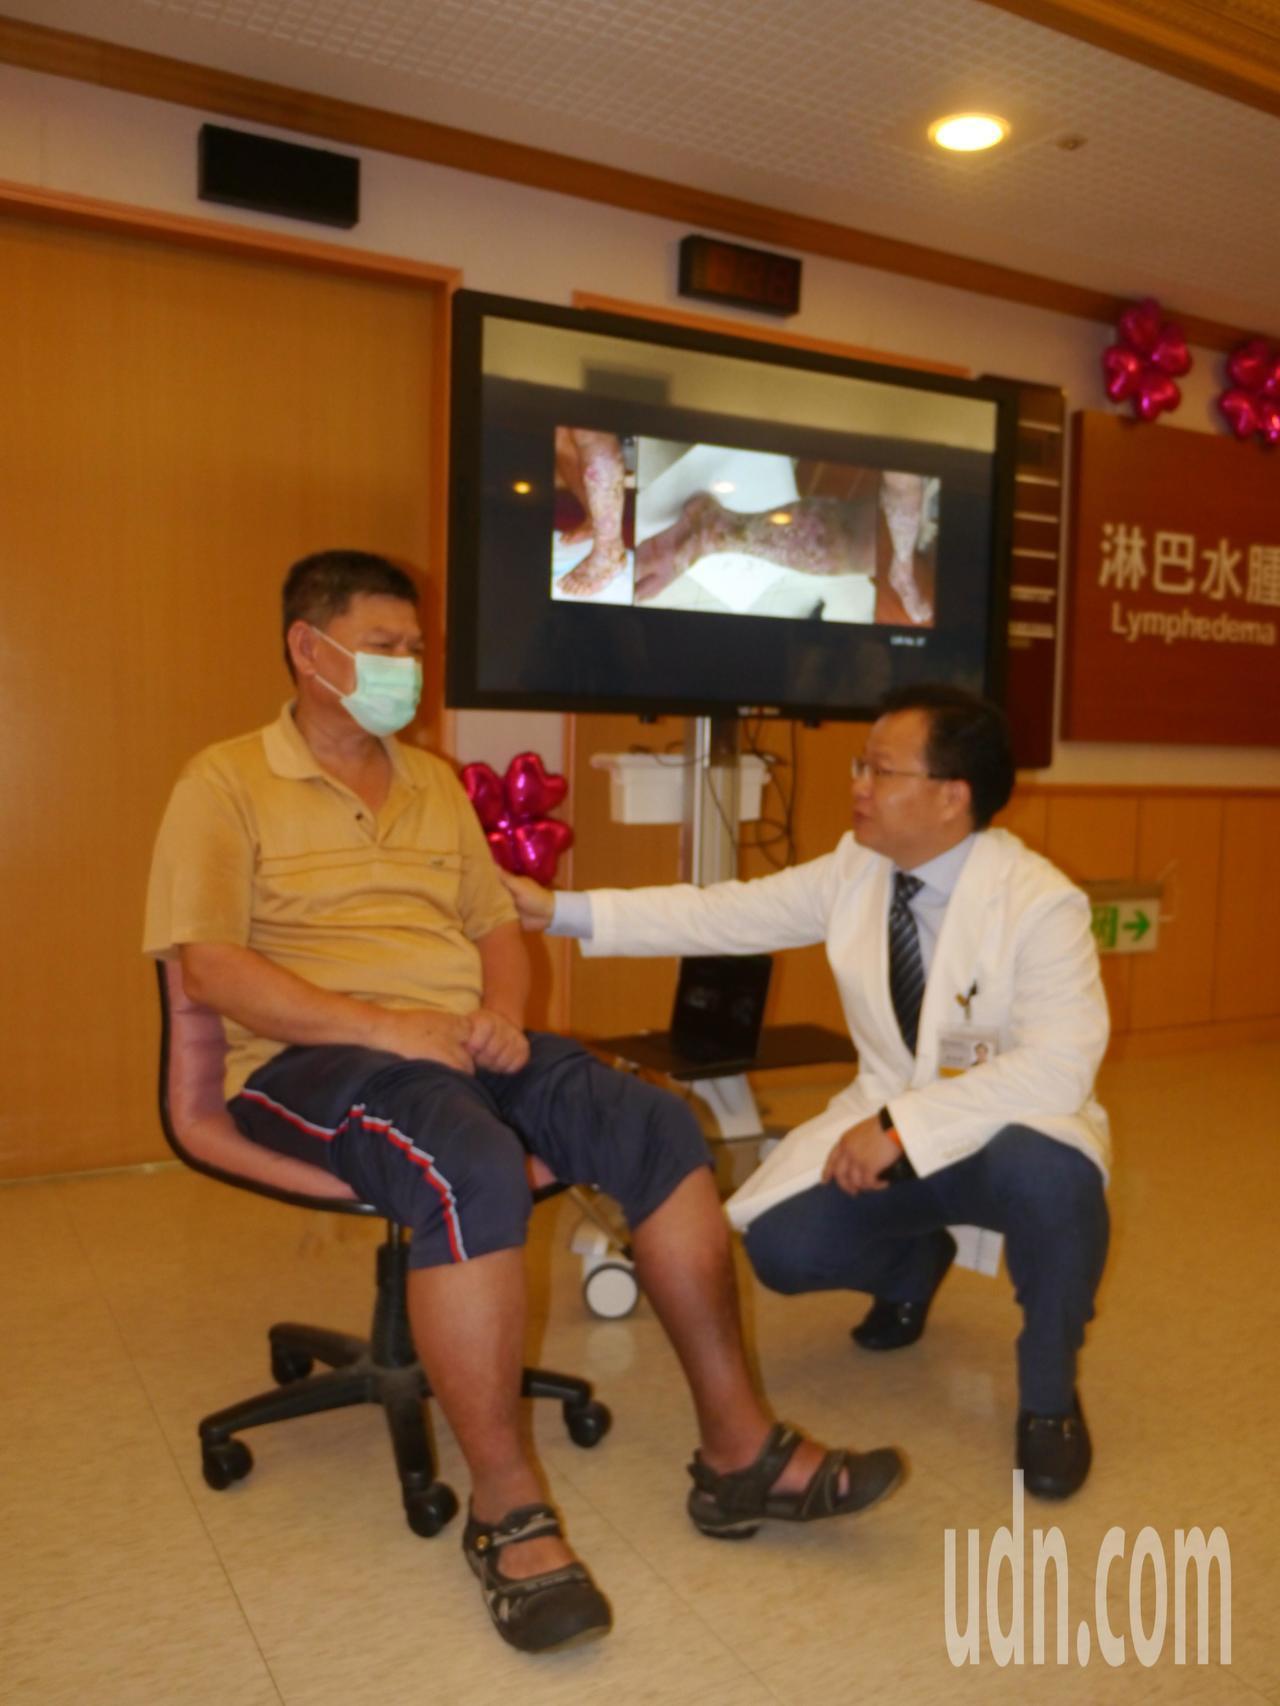 王姓病友,3年前左小腿出現淋巴水腫,當時傷口很多,他形容就像「生菇(發霉)」一樣...